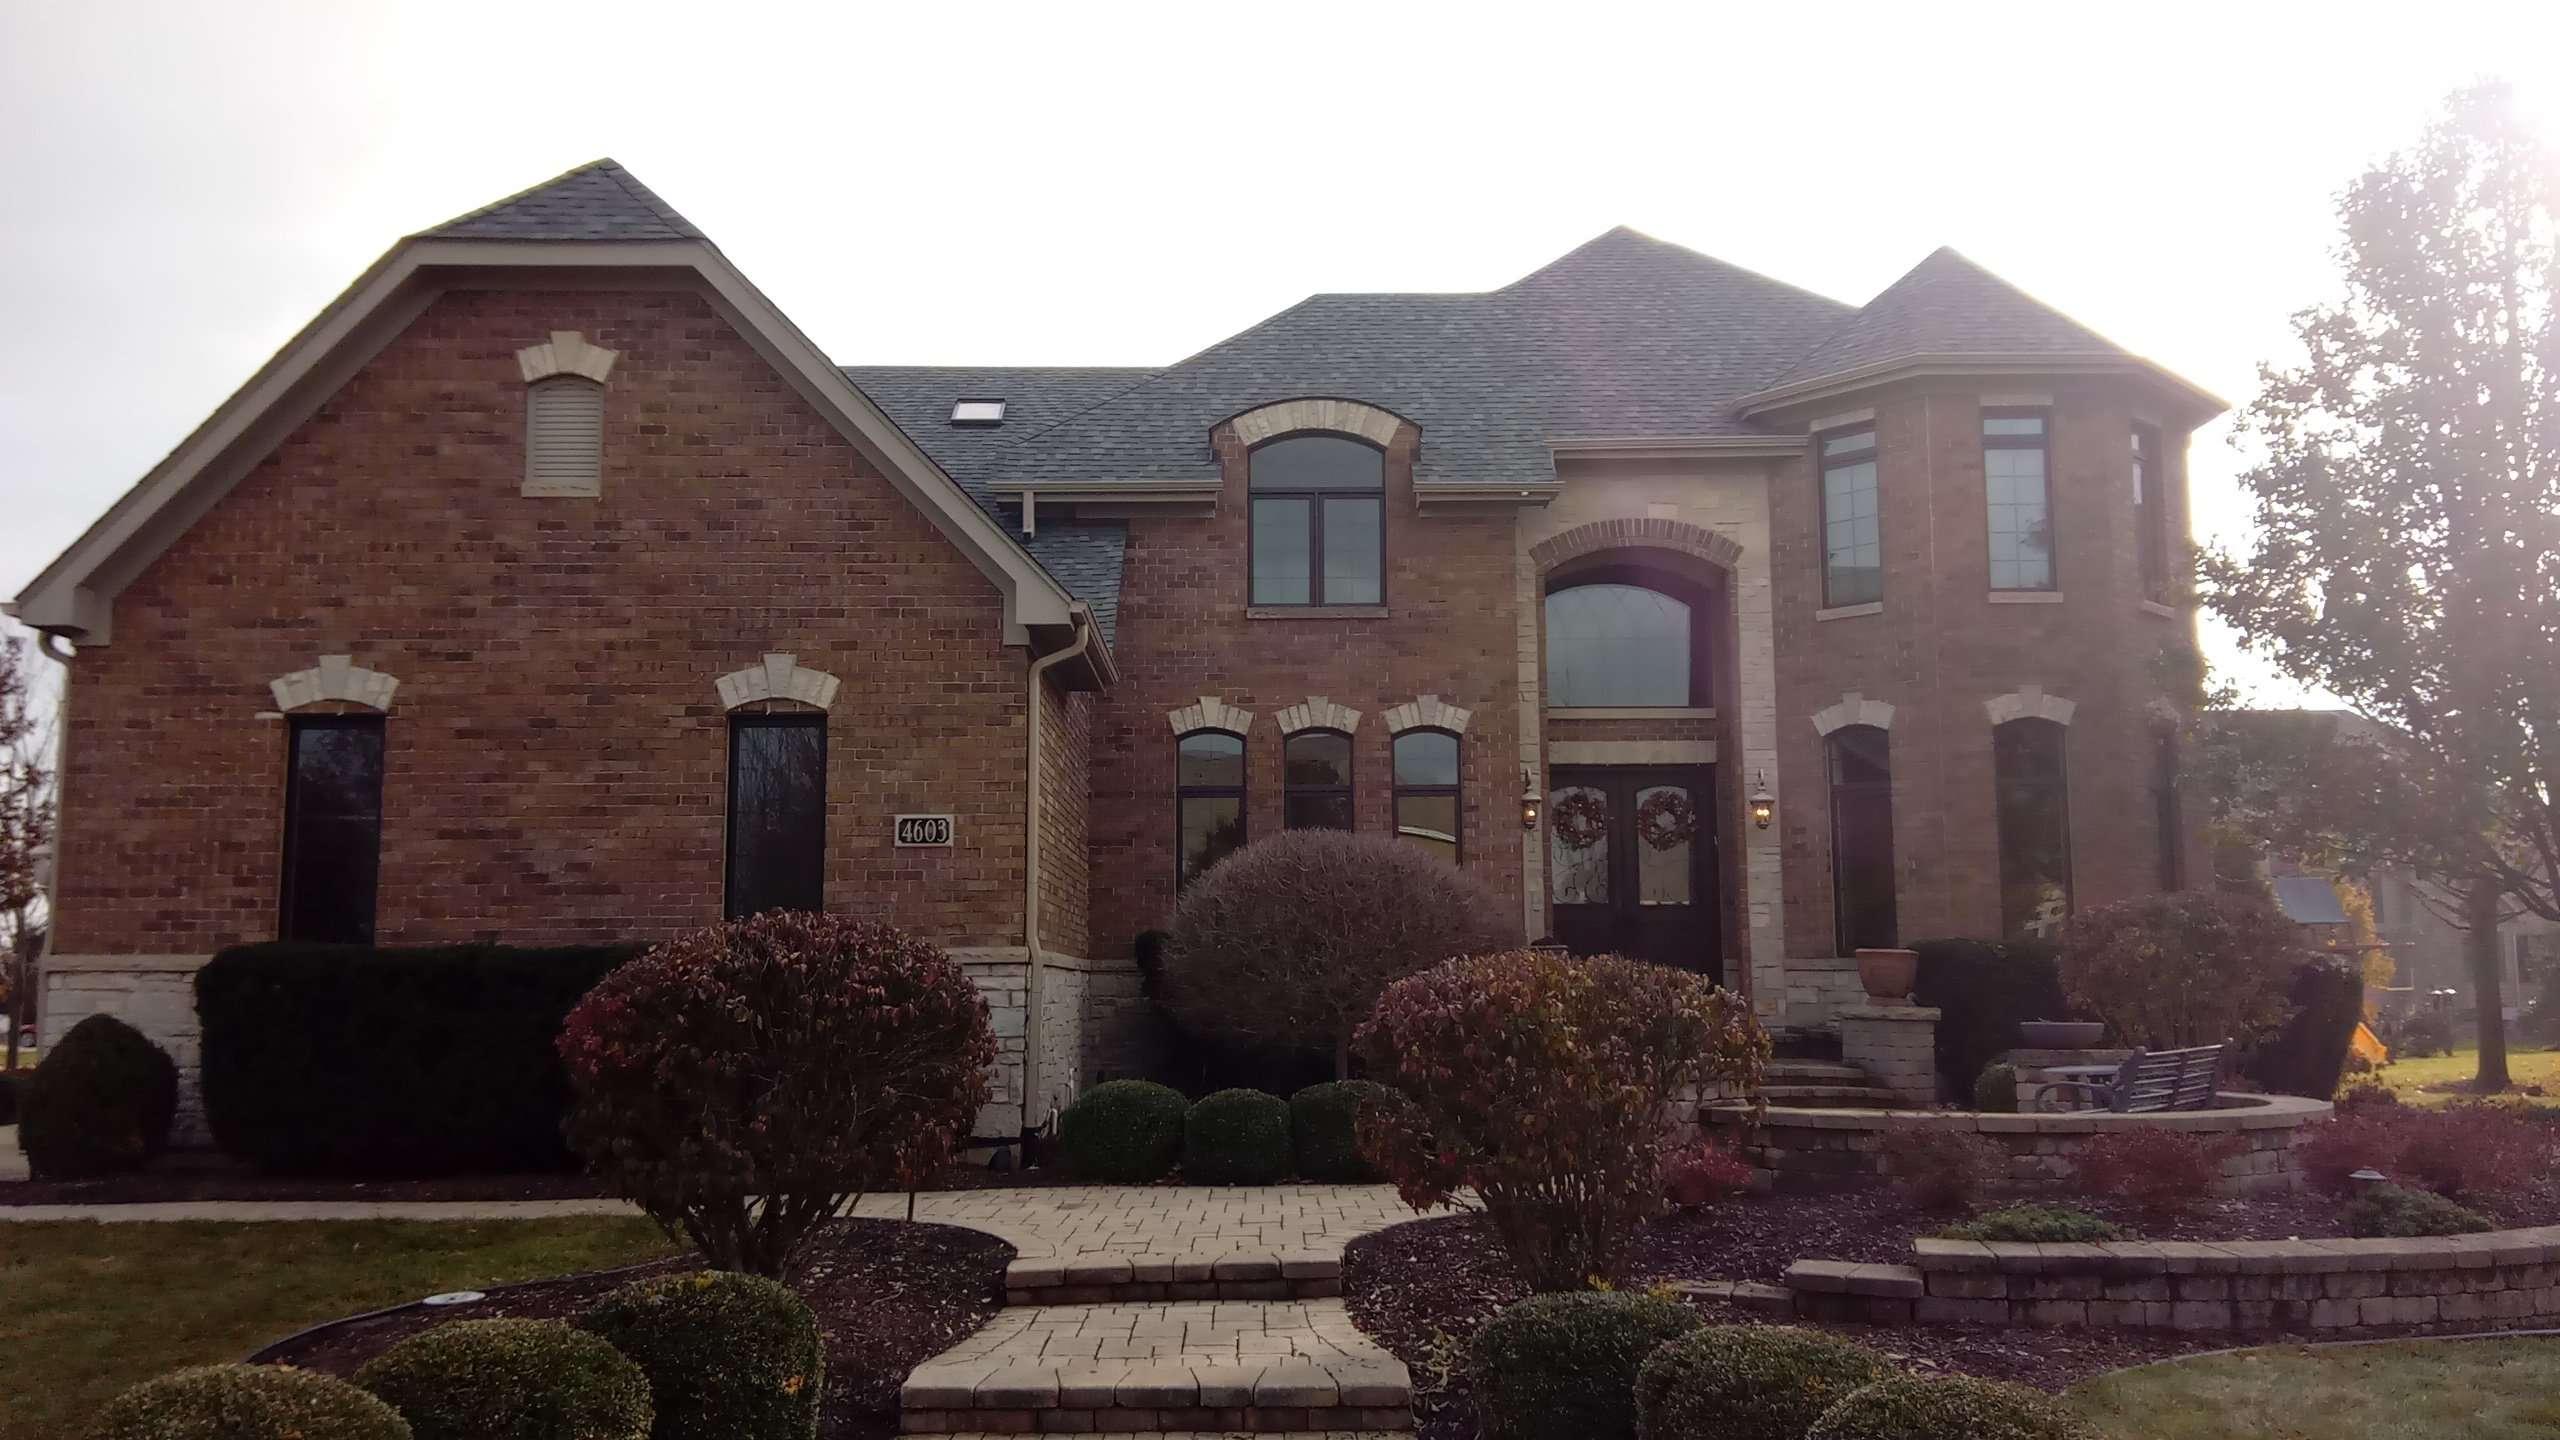 Roofing Certainteed Landmark Georgetown Grey Shingles